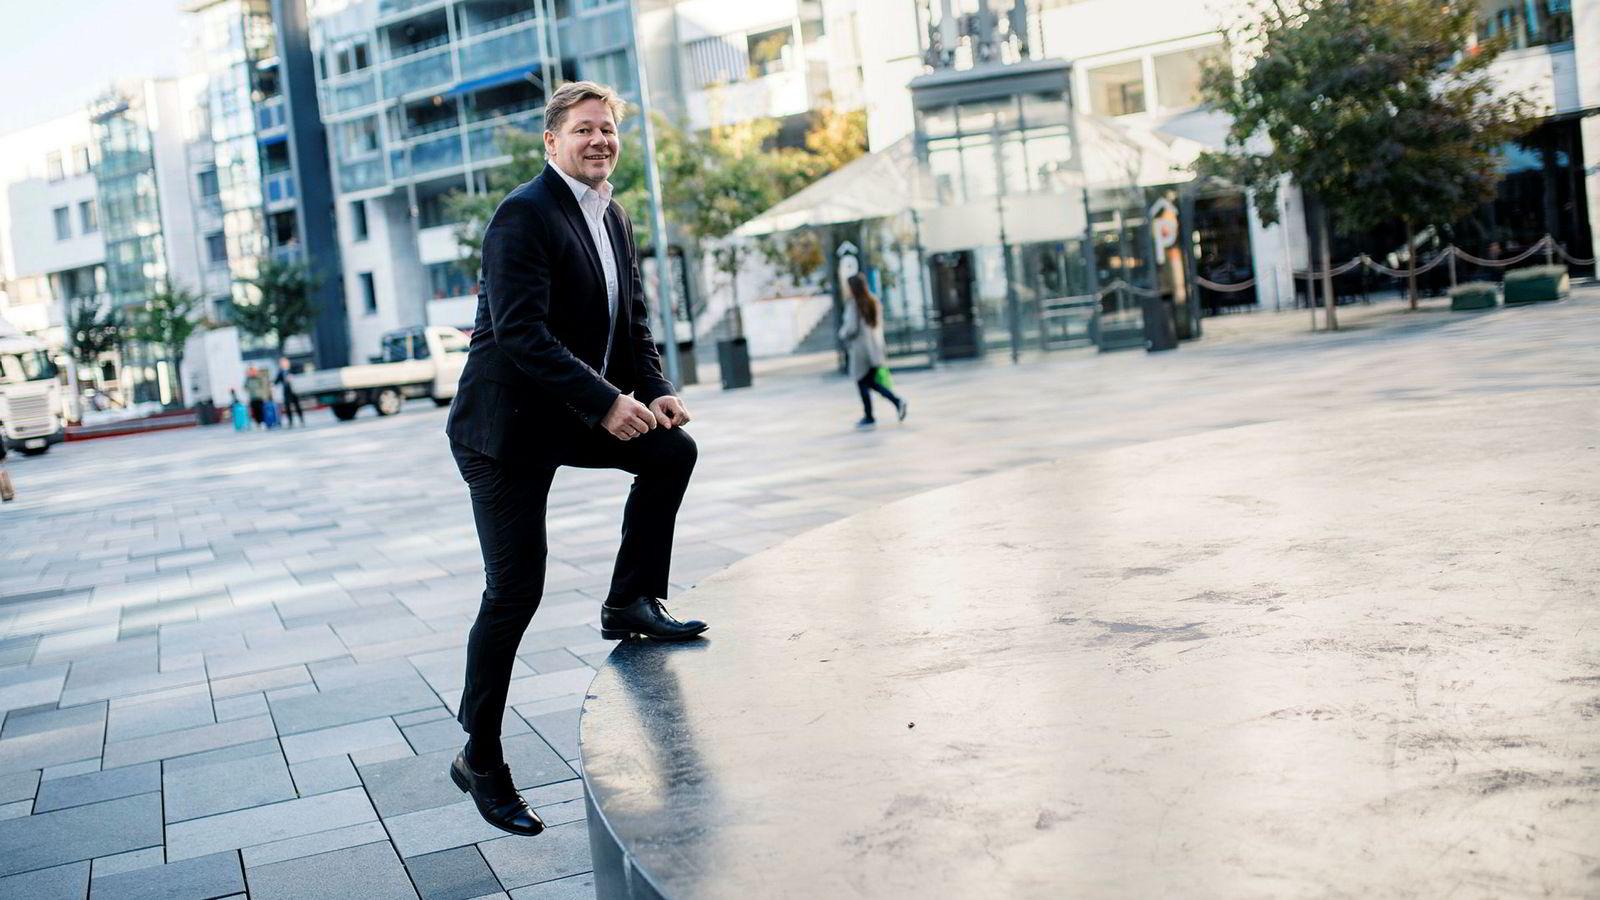 – Vi har allokert pengene riktig til de riktige sektorene, og har i tillegg vært heldig med valget av enkeltselskaper, sier forvalter Lars Erik Moen i Danske Capital.